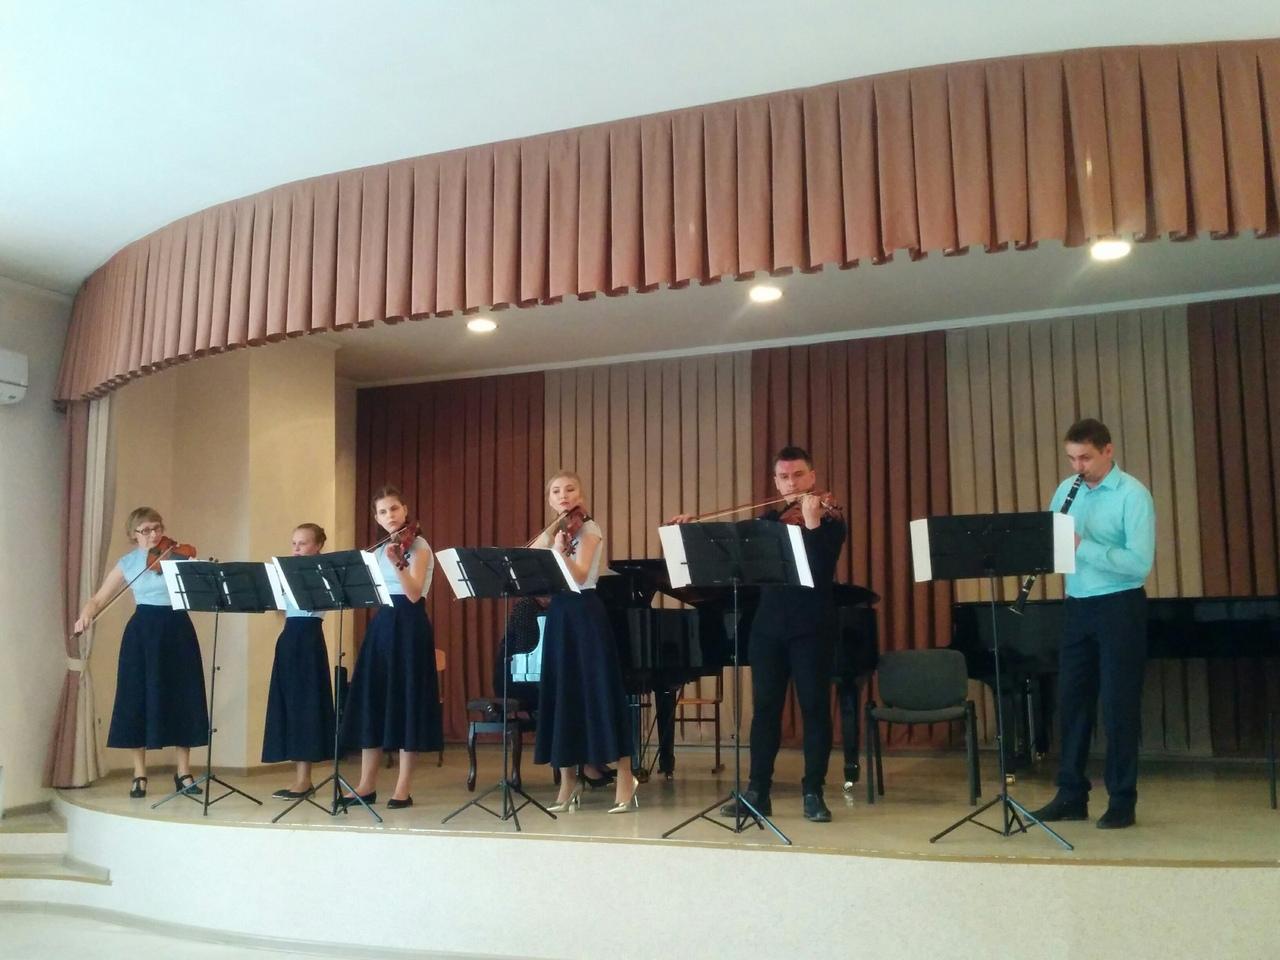 V Открытый областной фестиваль-конкурс ансамблевого музицирования на оркестровых инструментах «Виола+»